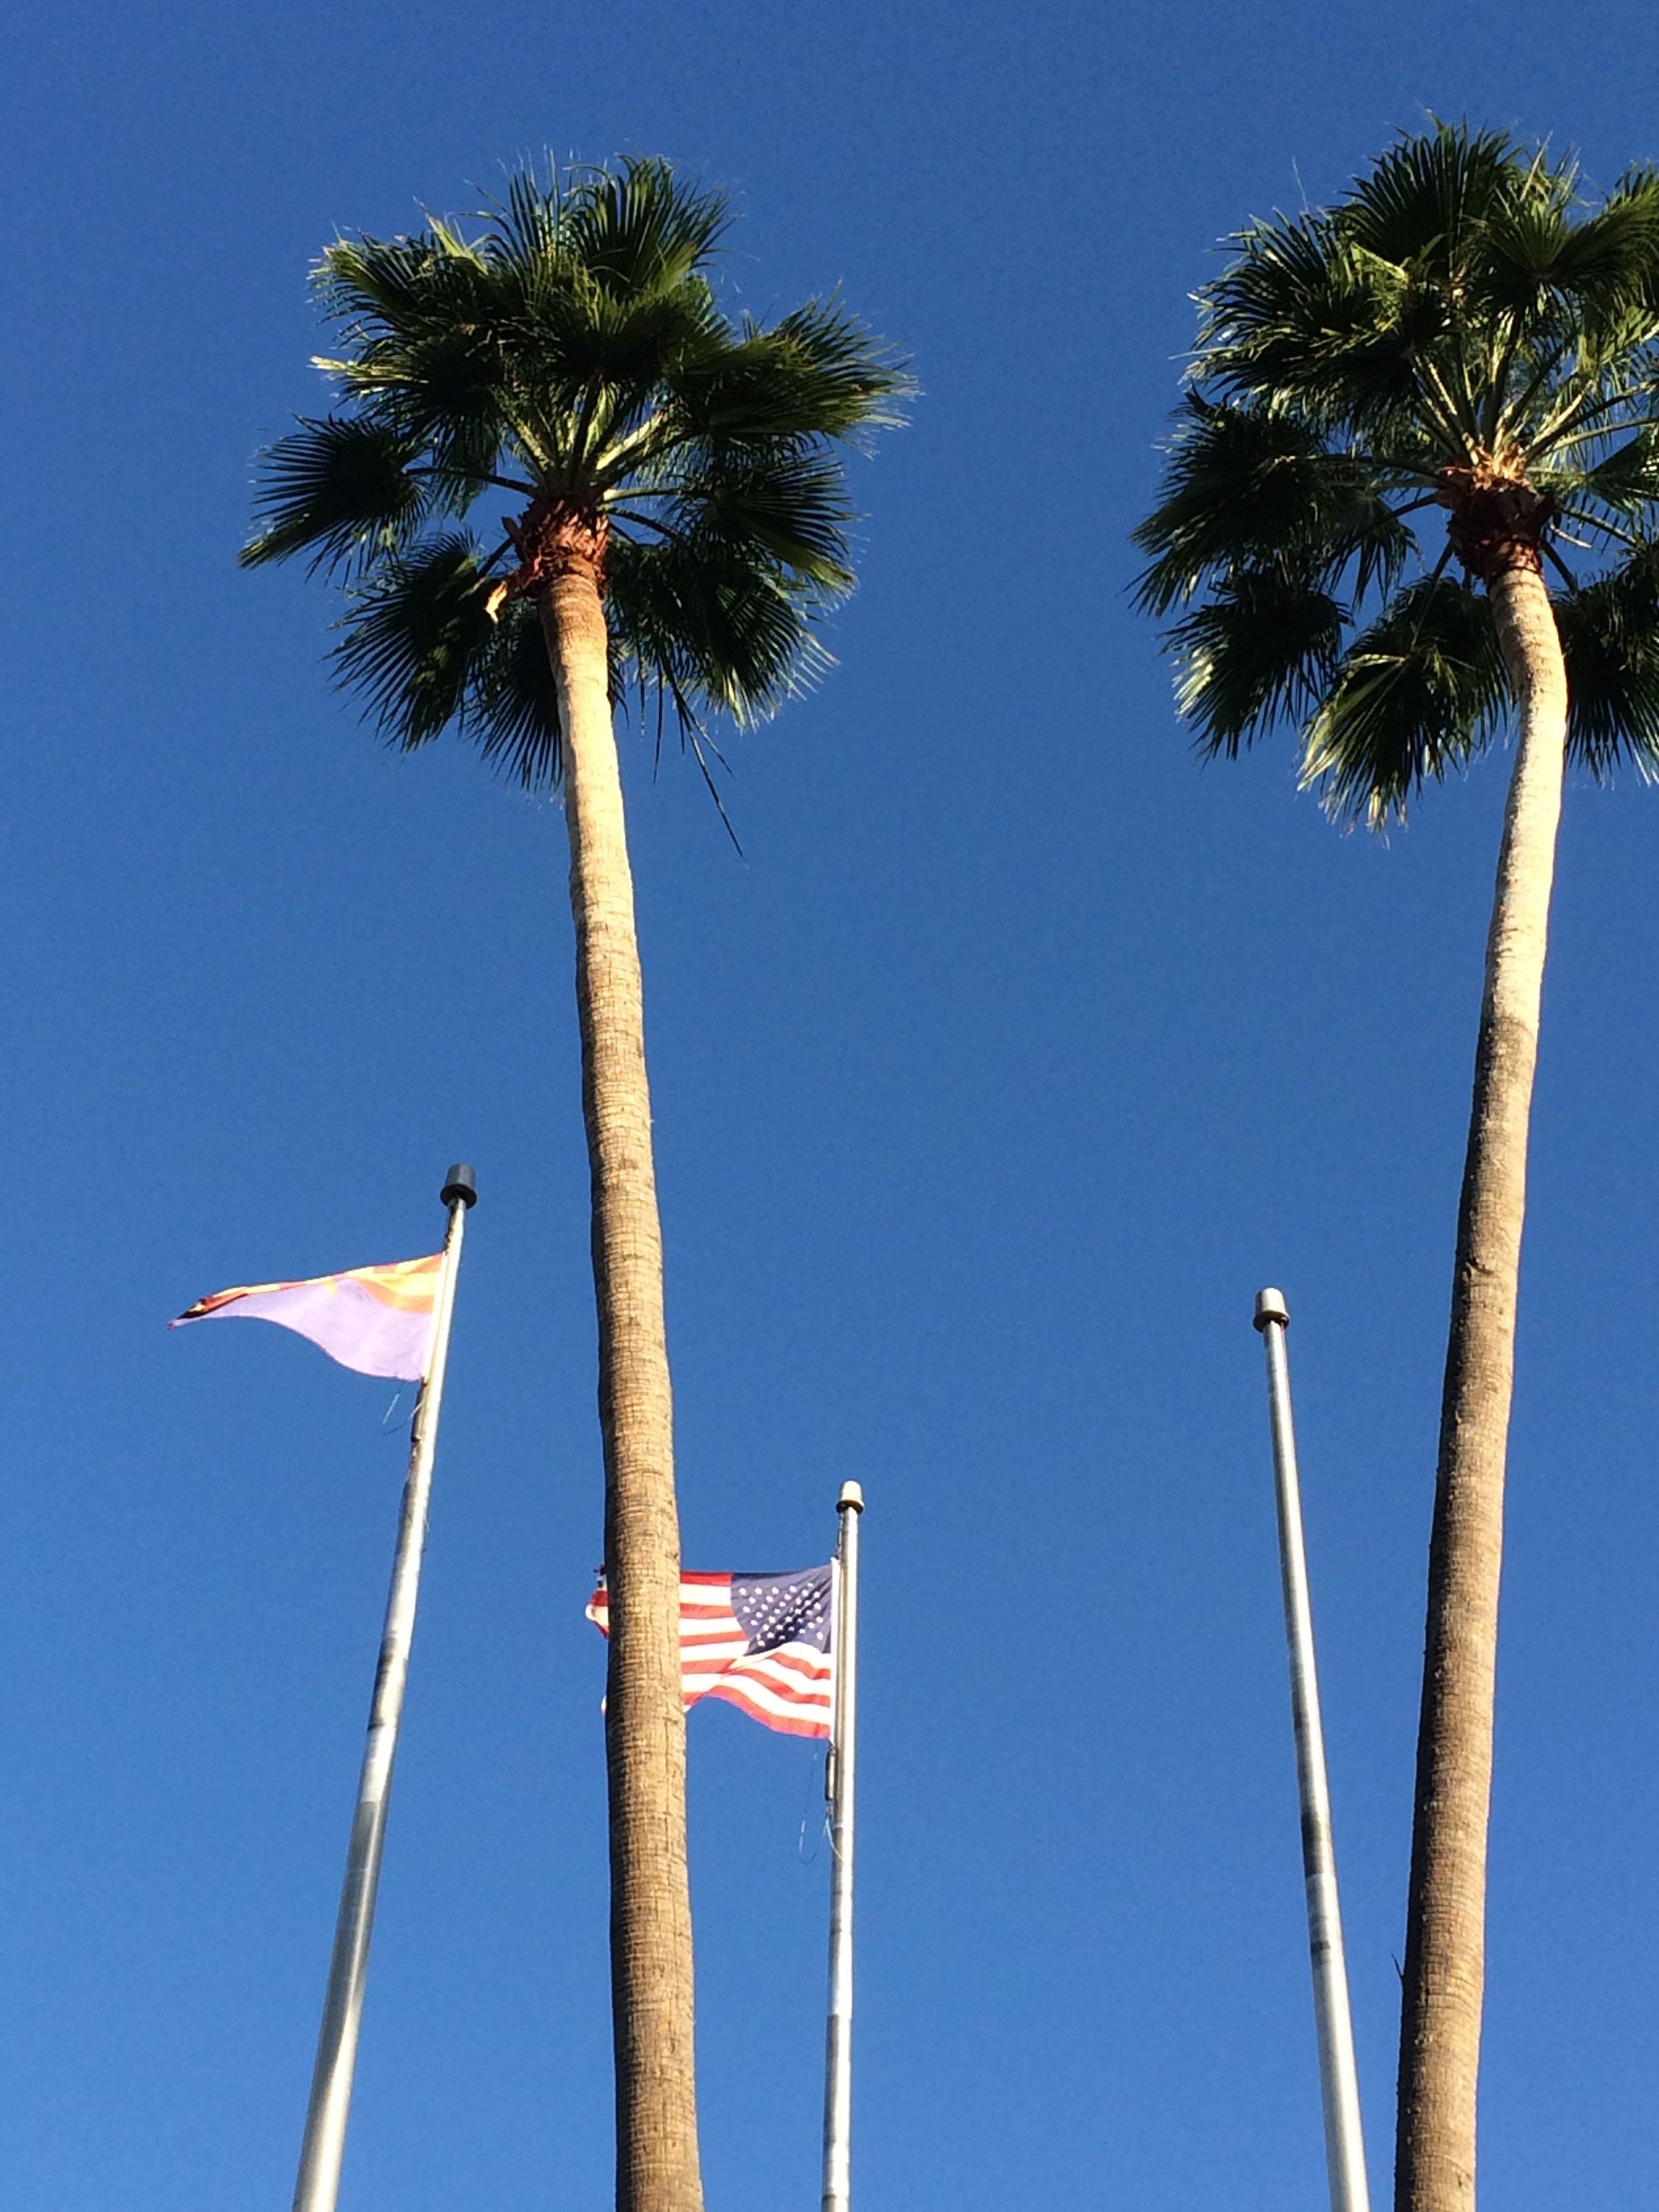 Trees_Flag.jpg